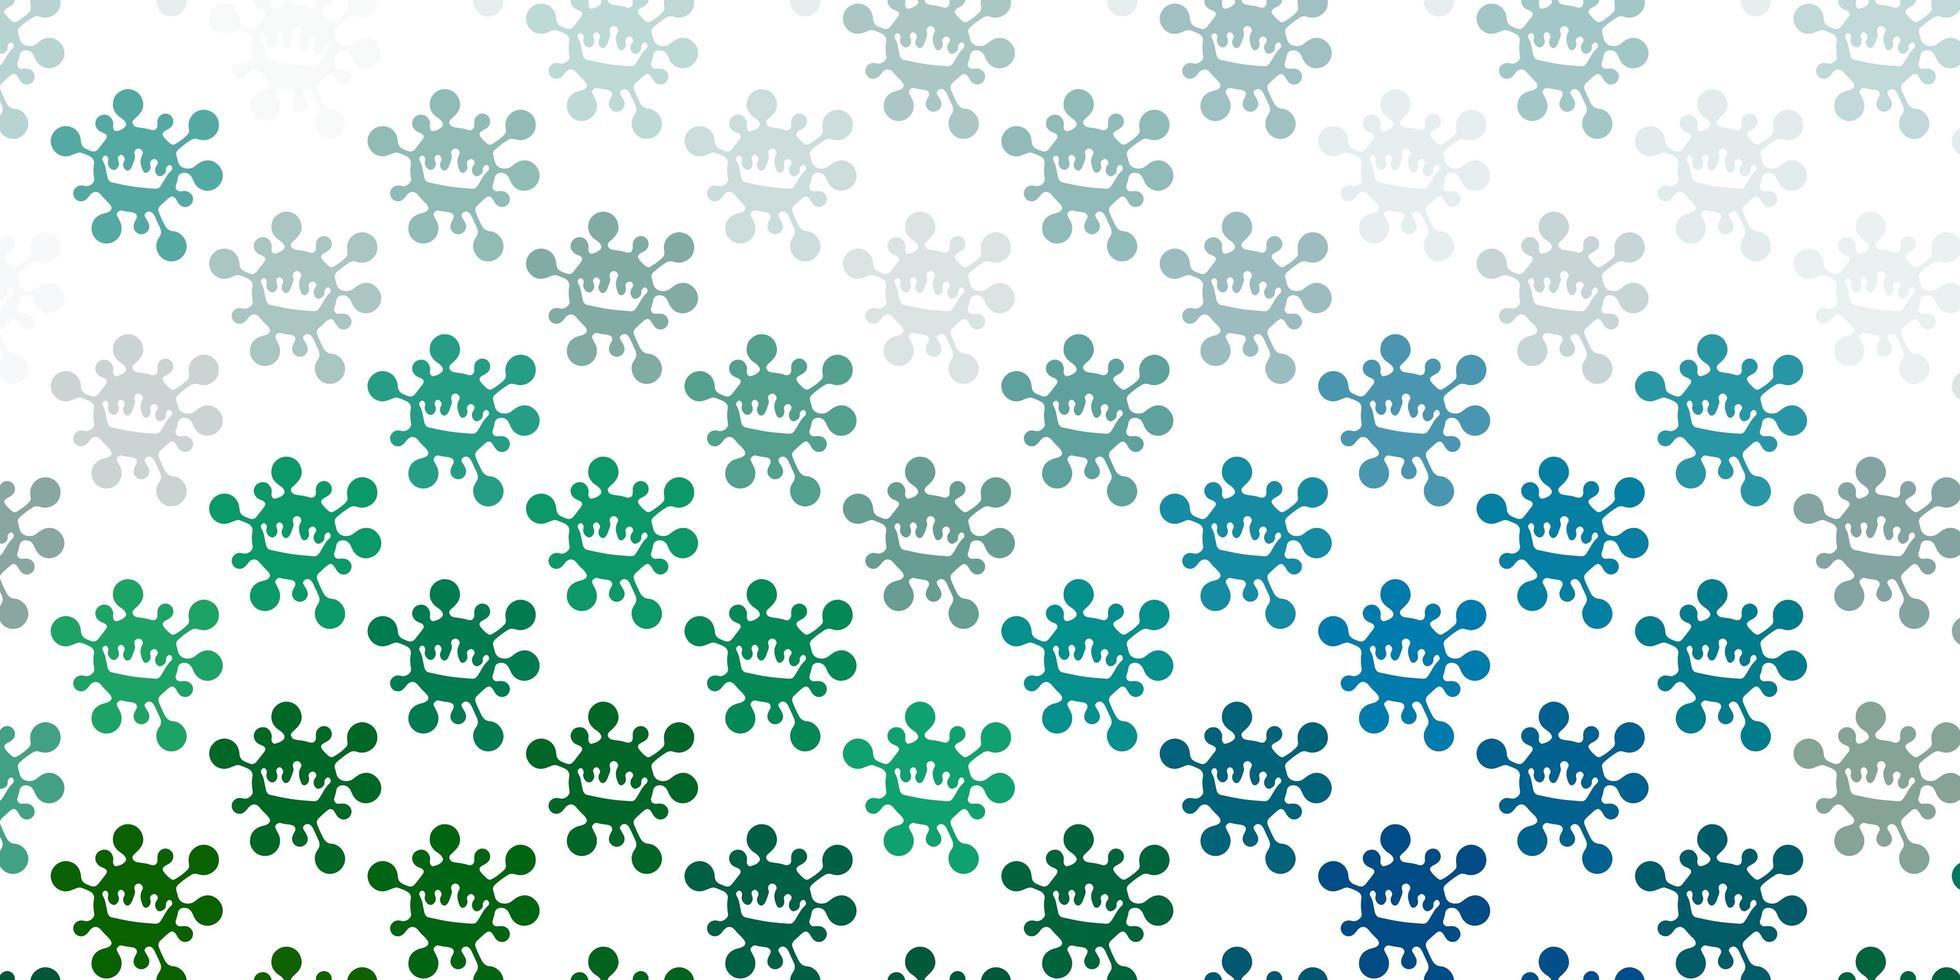 toile de fond vert clair avec des symboles de virus. vecteur